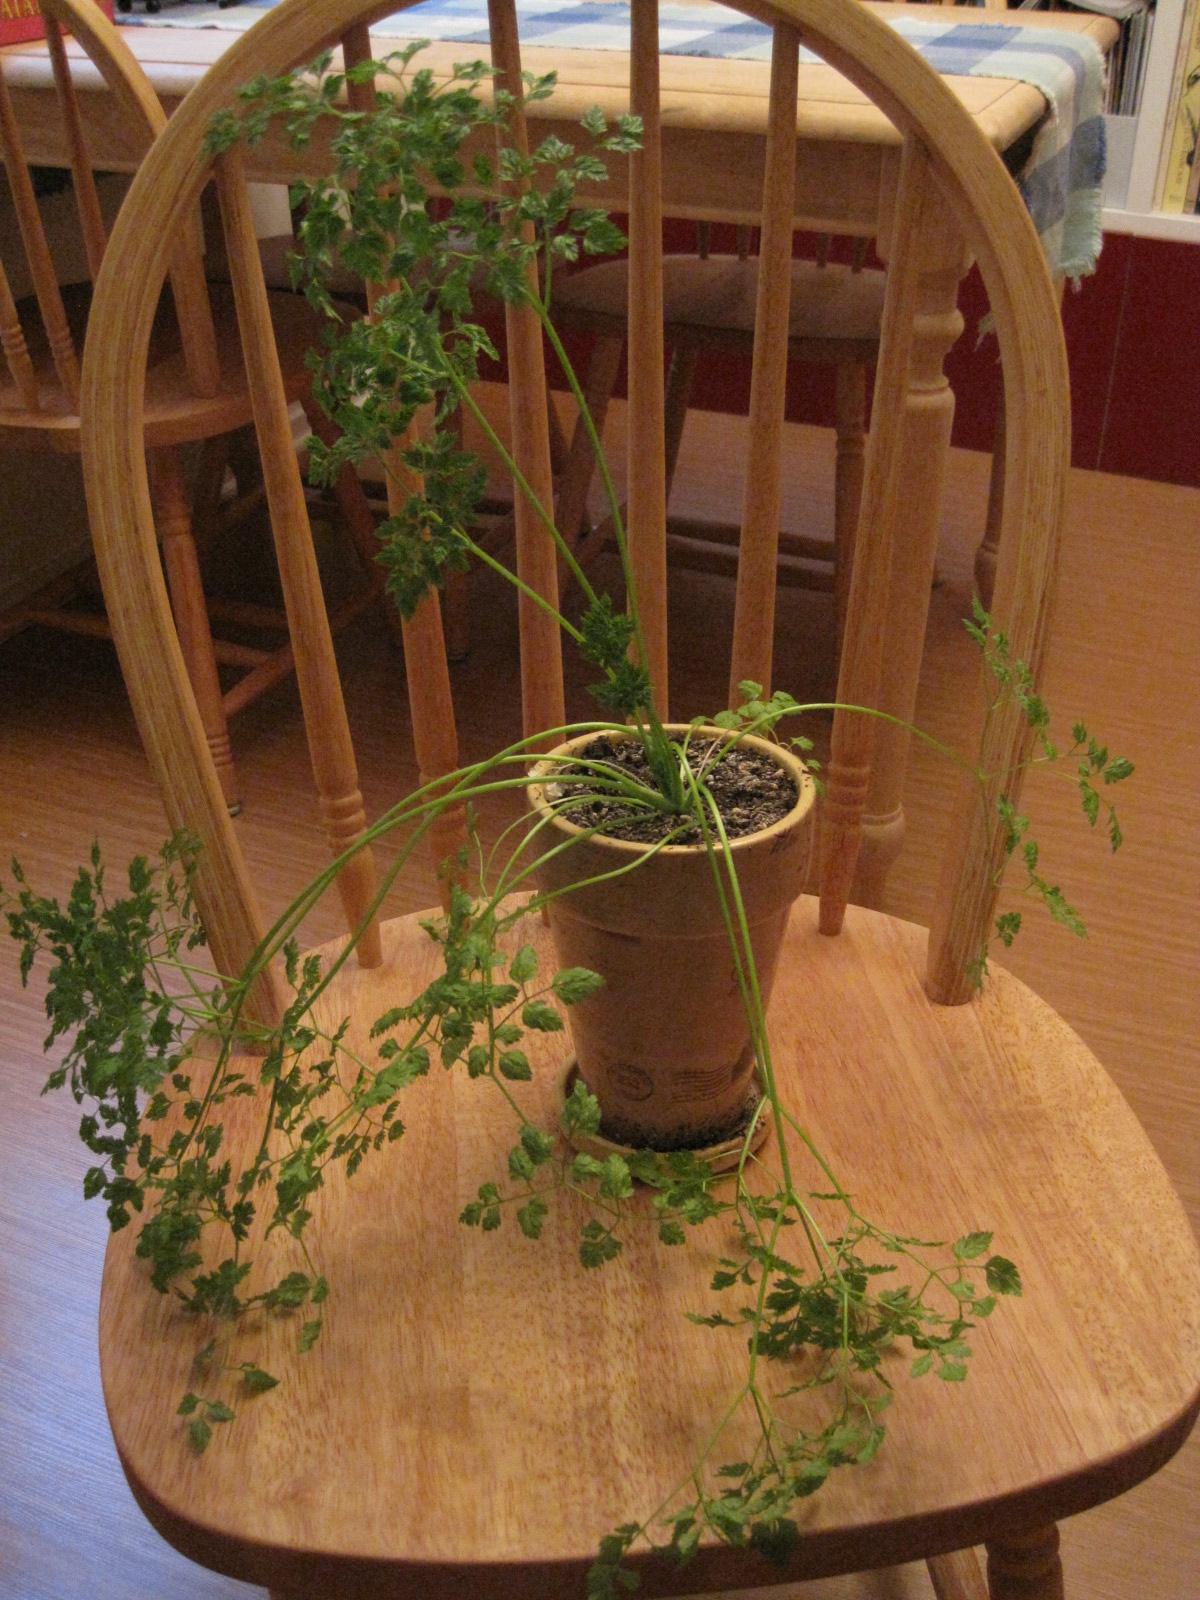 Parsnip Love: Window Sill Herbs